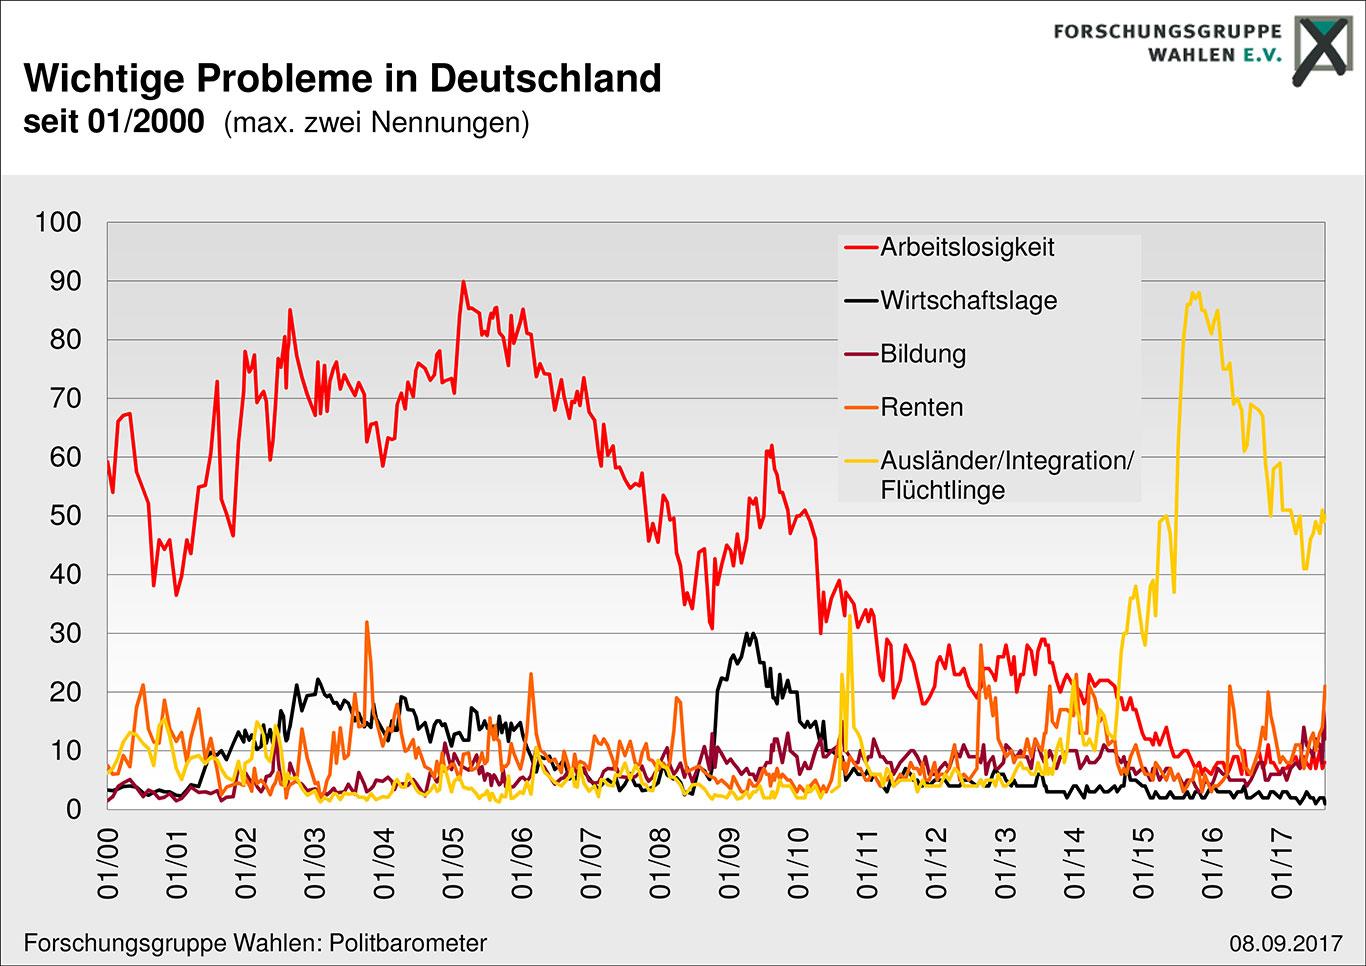 Wahlen. wichtige Probleme in Deutschland